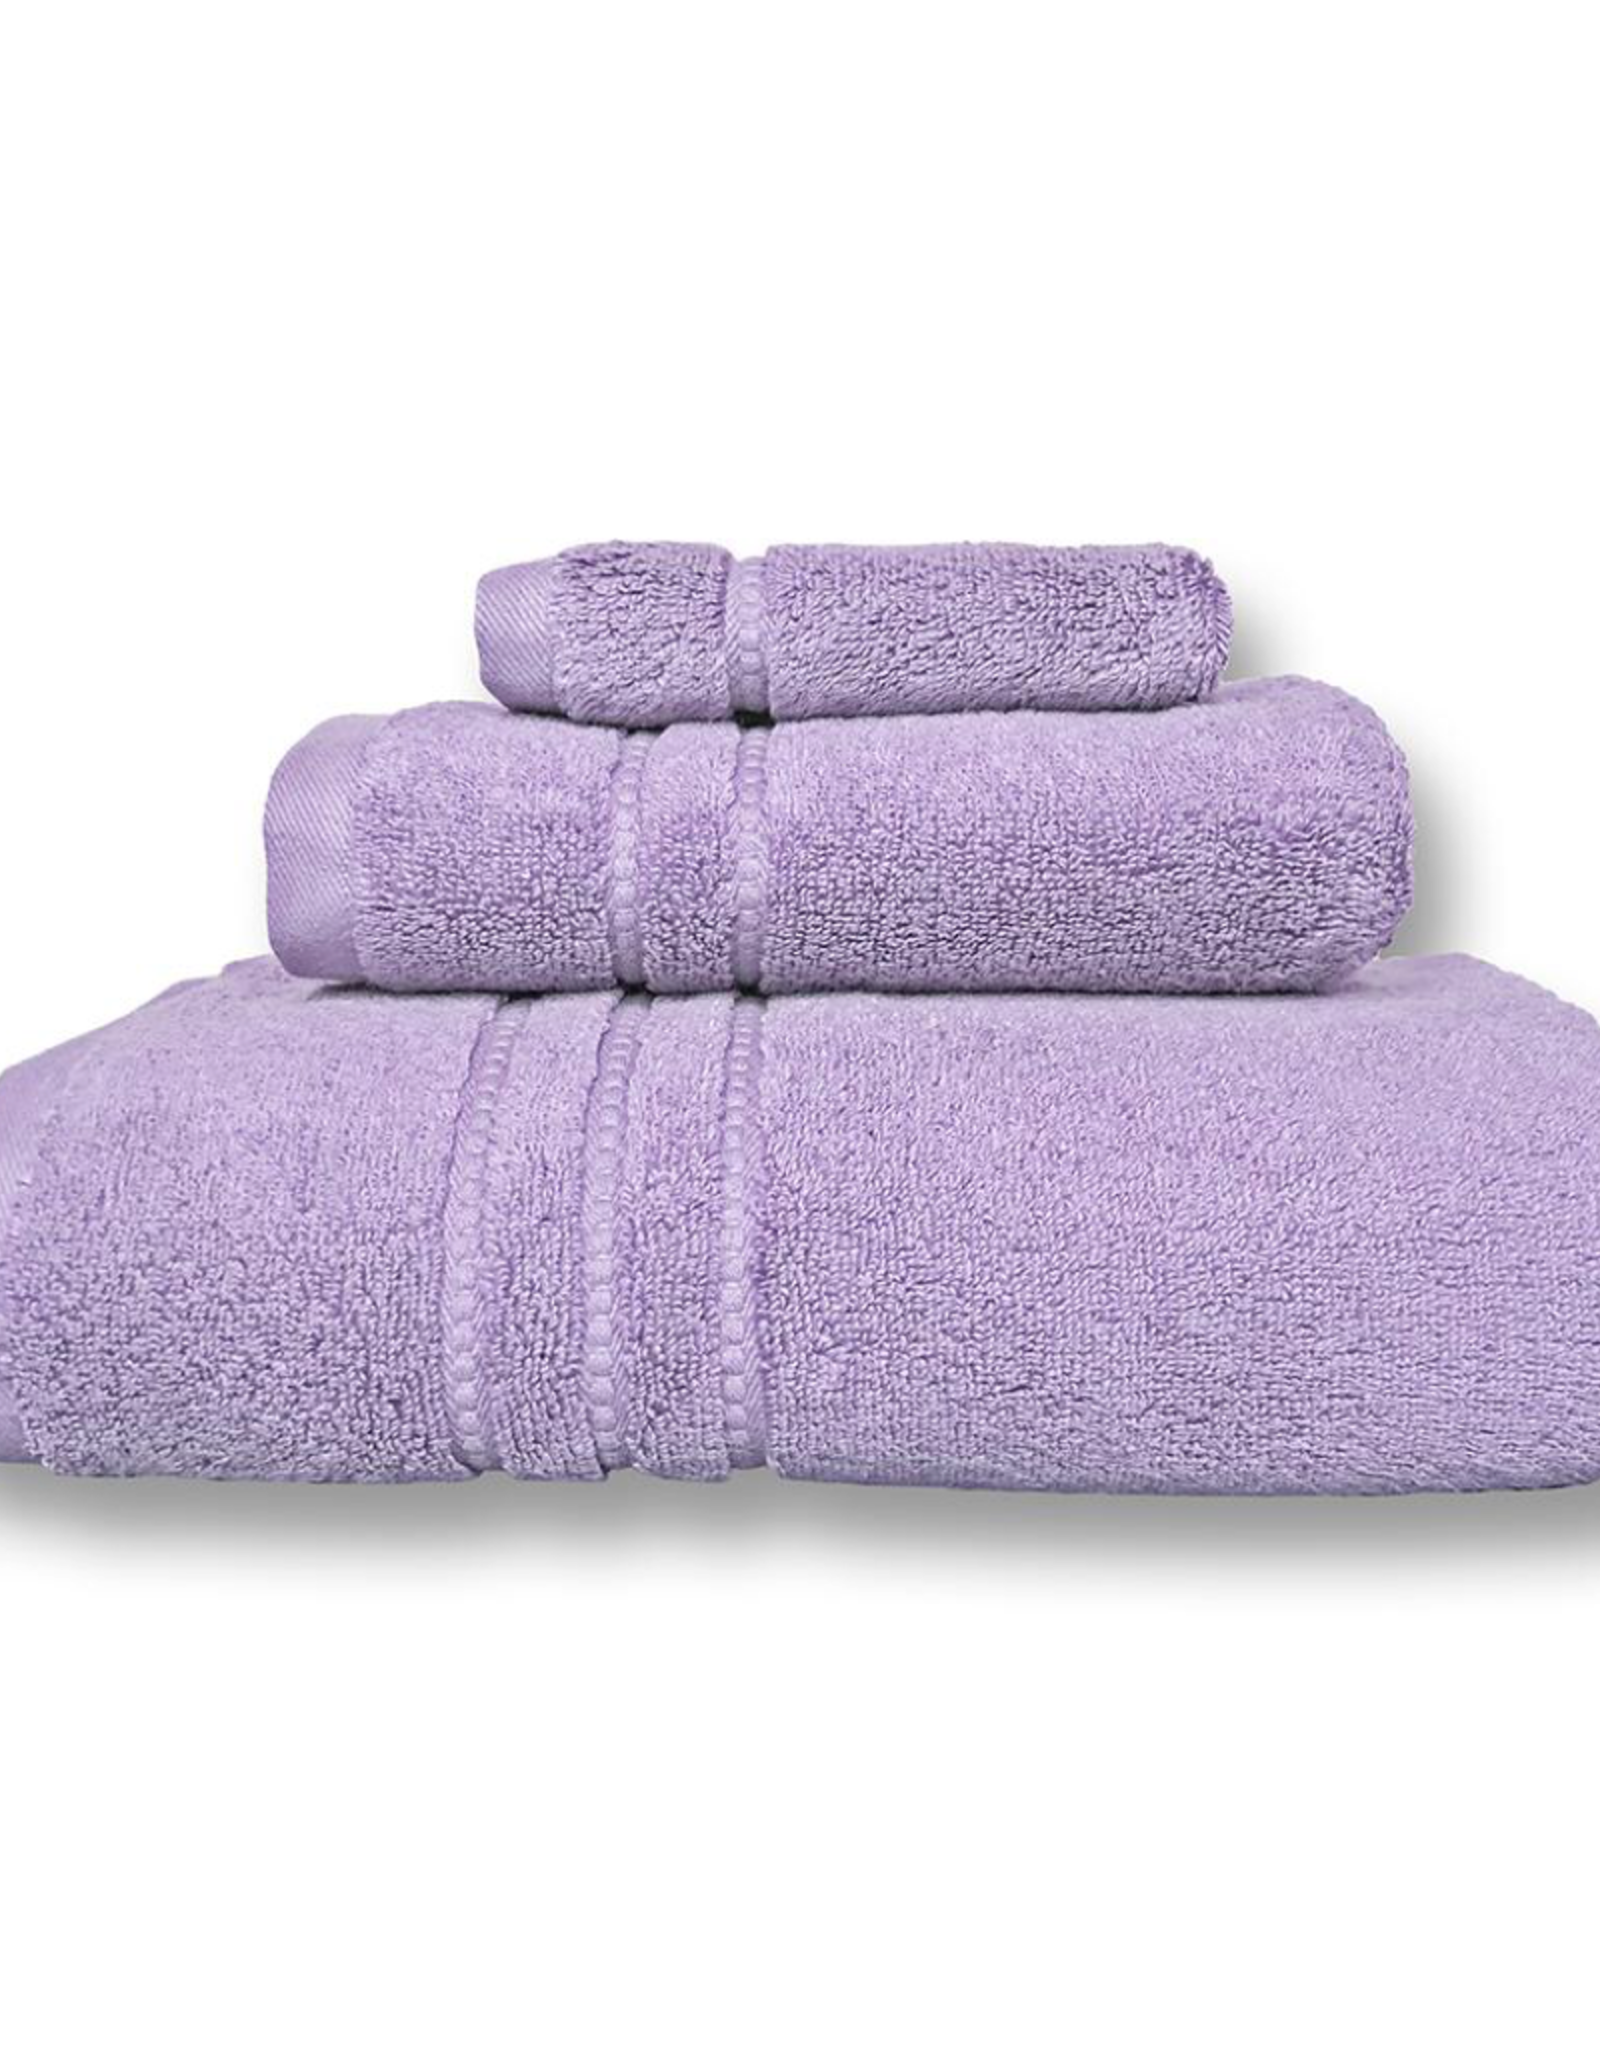 Cuddle Down Bath Towel Cuddledown Portofino Lilac 83